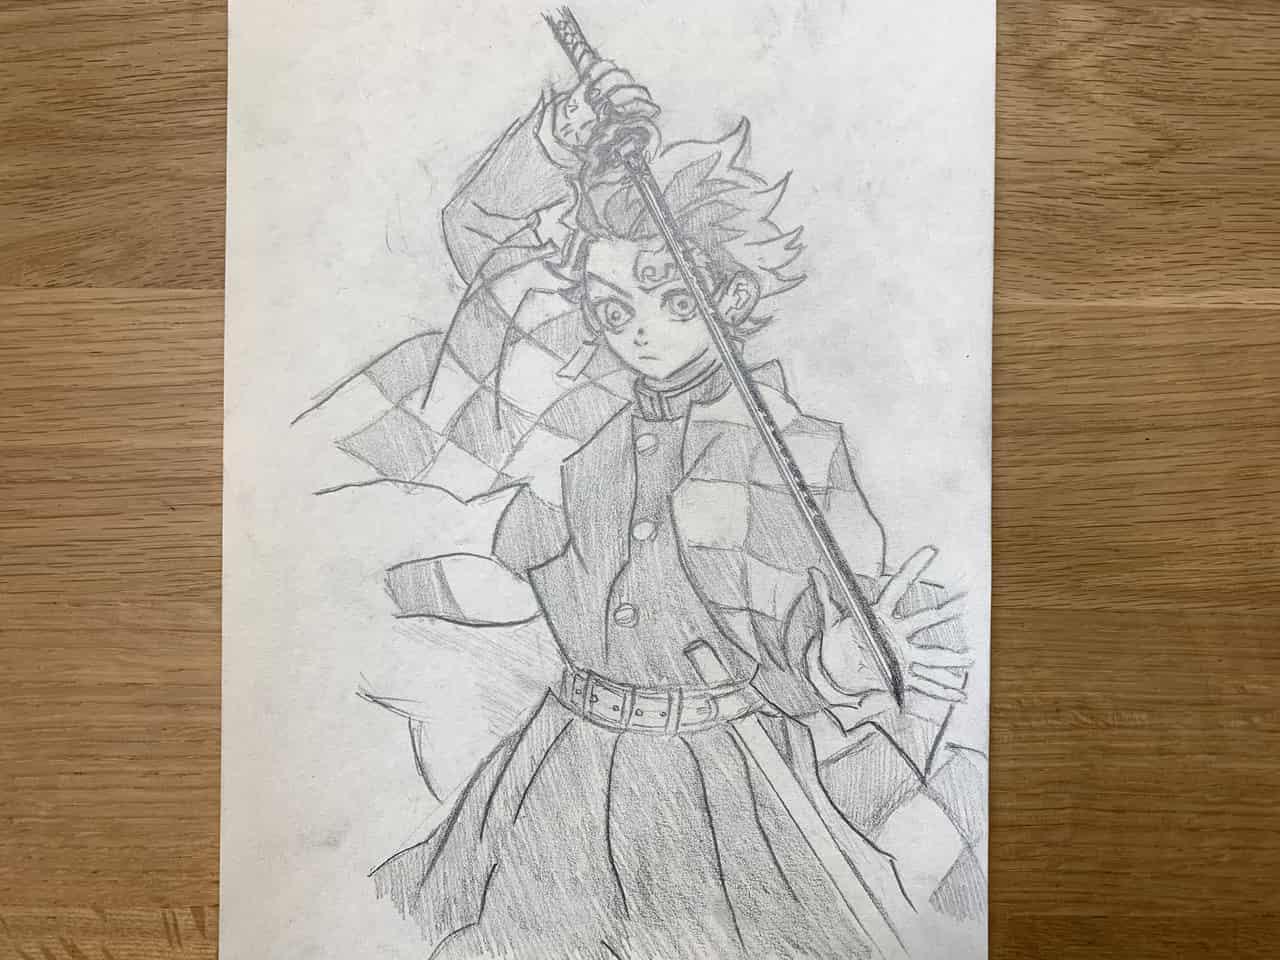 鬼滅の刃 竈門炭治郎 えんぴつ Illust of 那輝和 DemonSlayerFanartContest KimetsunoYaiba